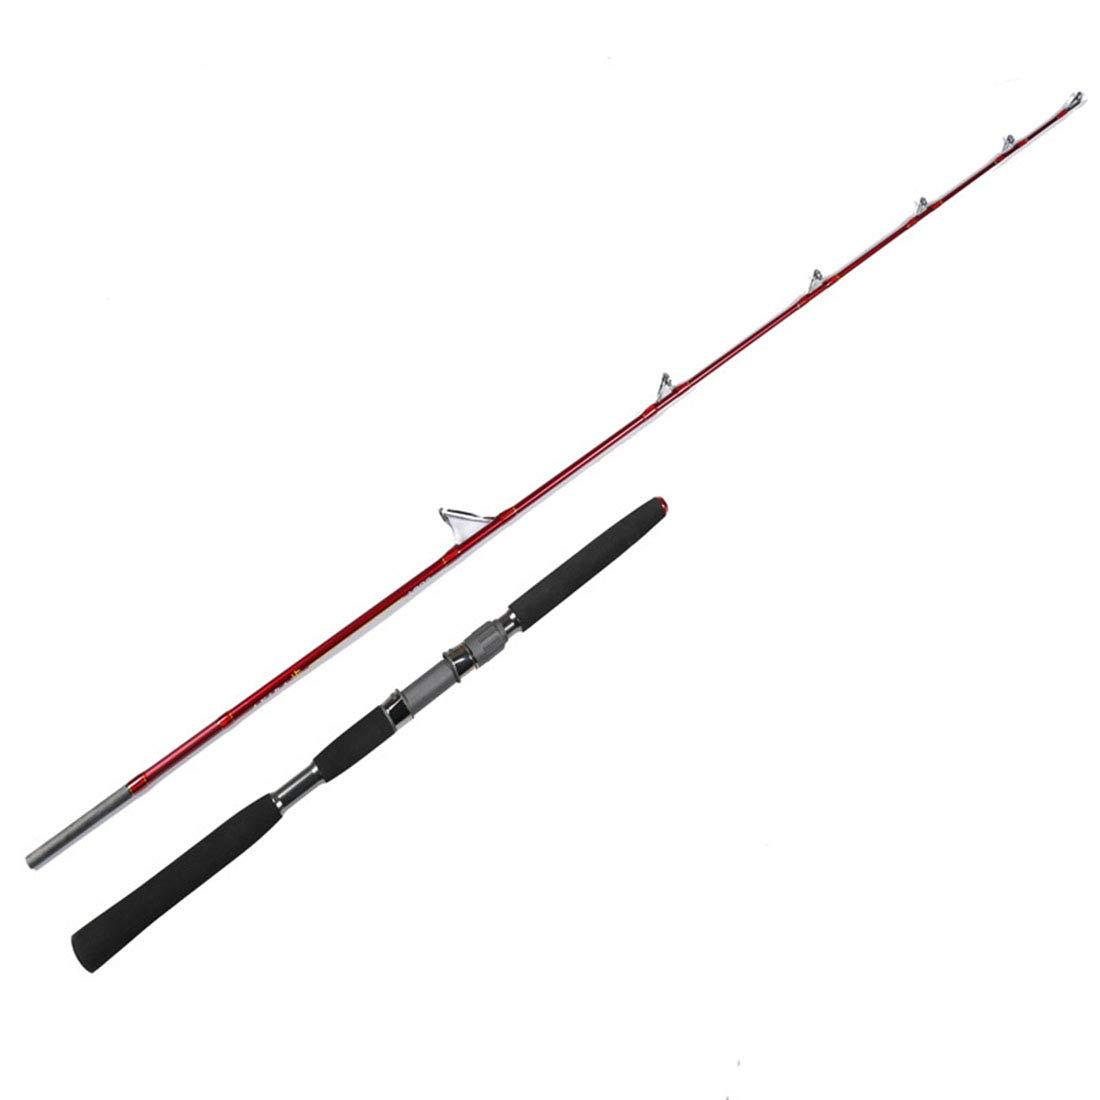 荒波が百貨店を使う 釣り竿釣り用品釣り竿炭素鋼棒池リバーサイドに適した 180CM  B07Q6YGG4Q